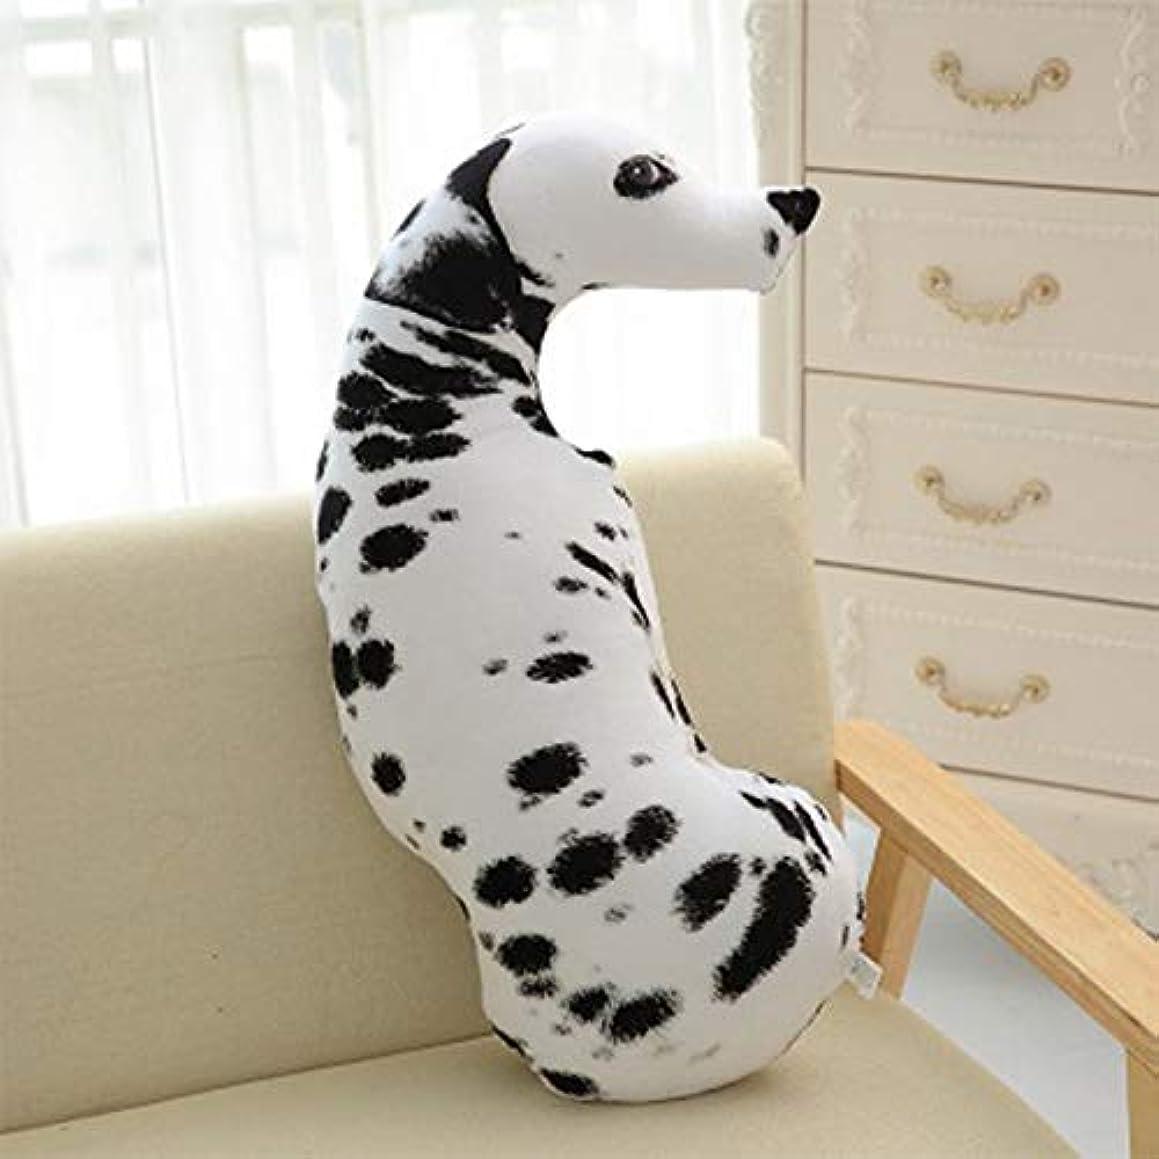 ミンチチラチラする共感するLIFE 3D プリントシミュレーション犬ぬいぐるみクッションぬいぐるみ犬ぬいぐるみ枕ぬいぐるみの漫画クッションキッズ人形ベストギフト クッション 椅子